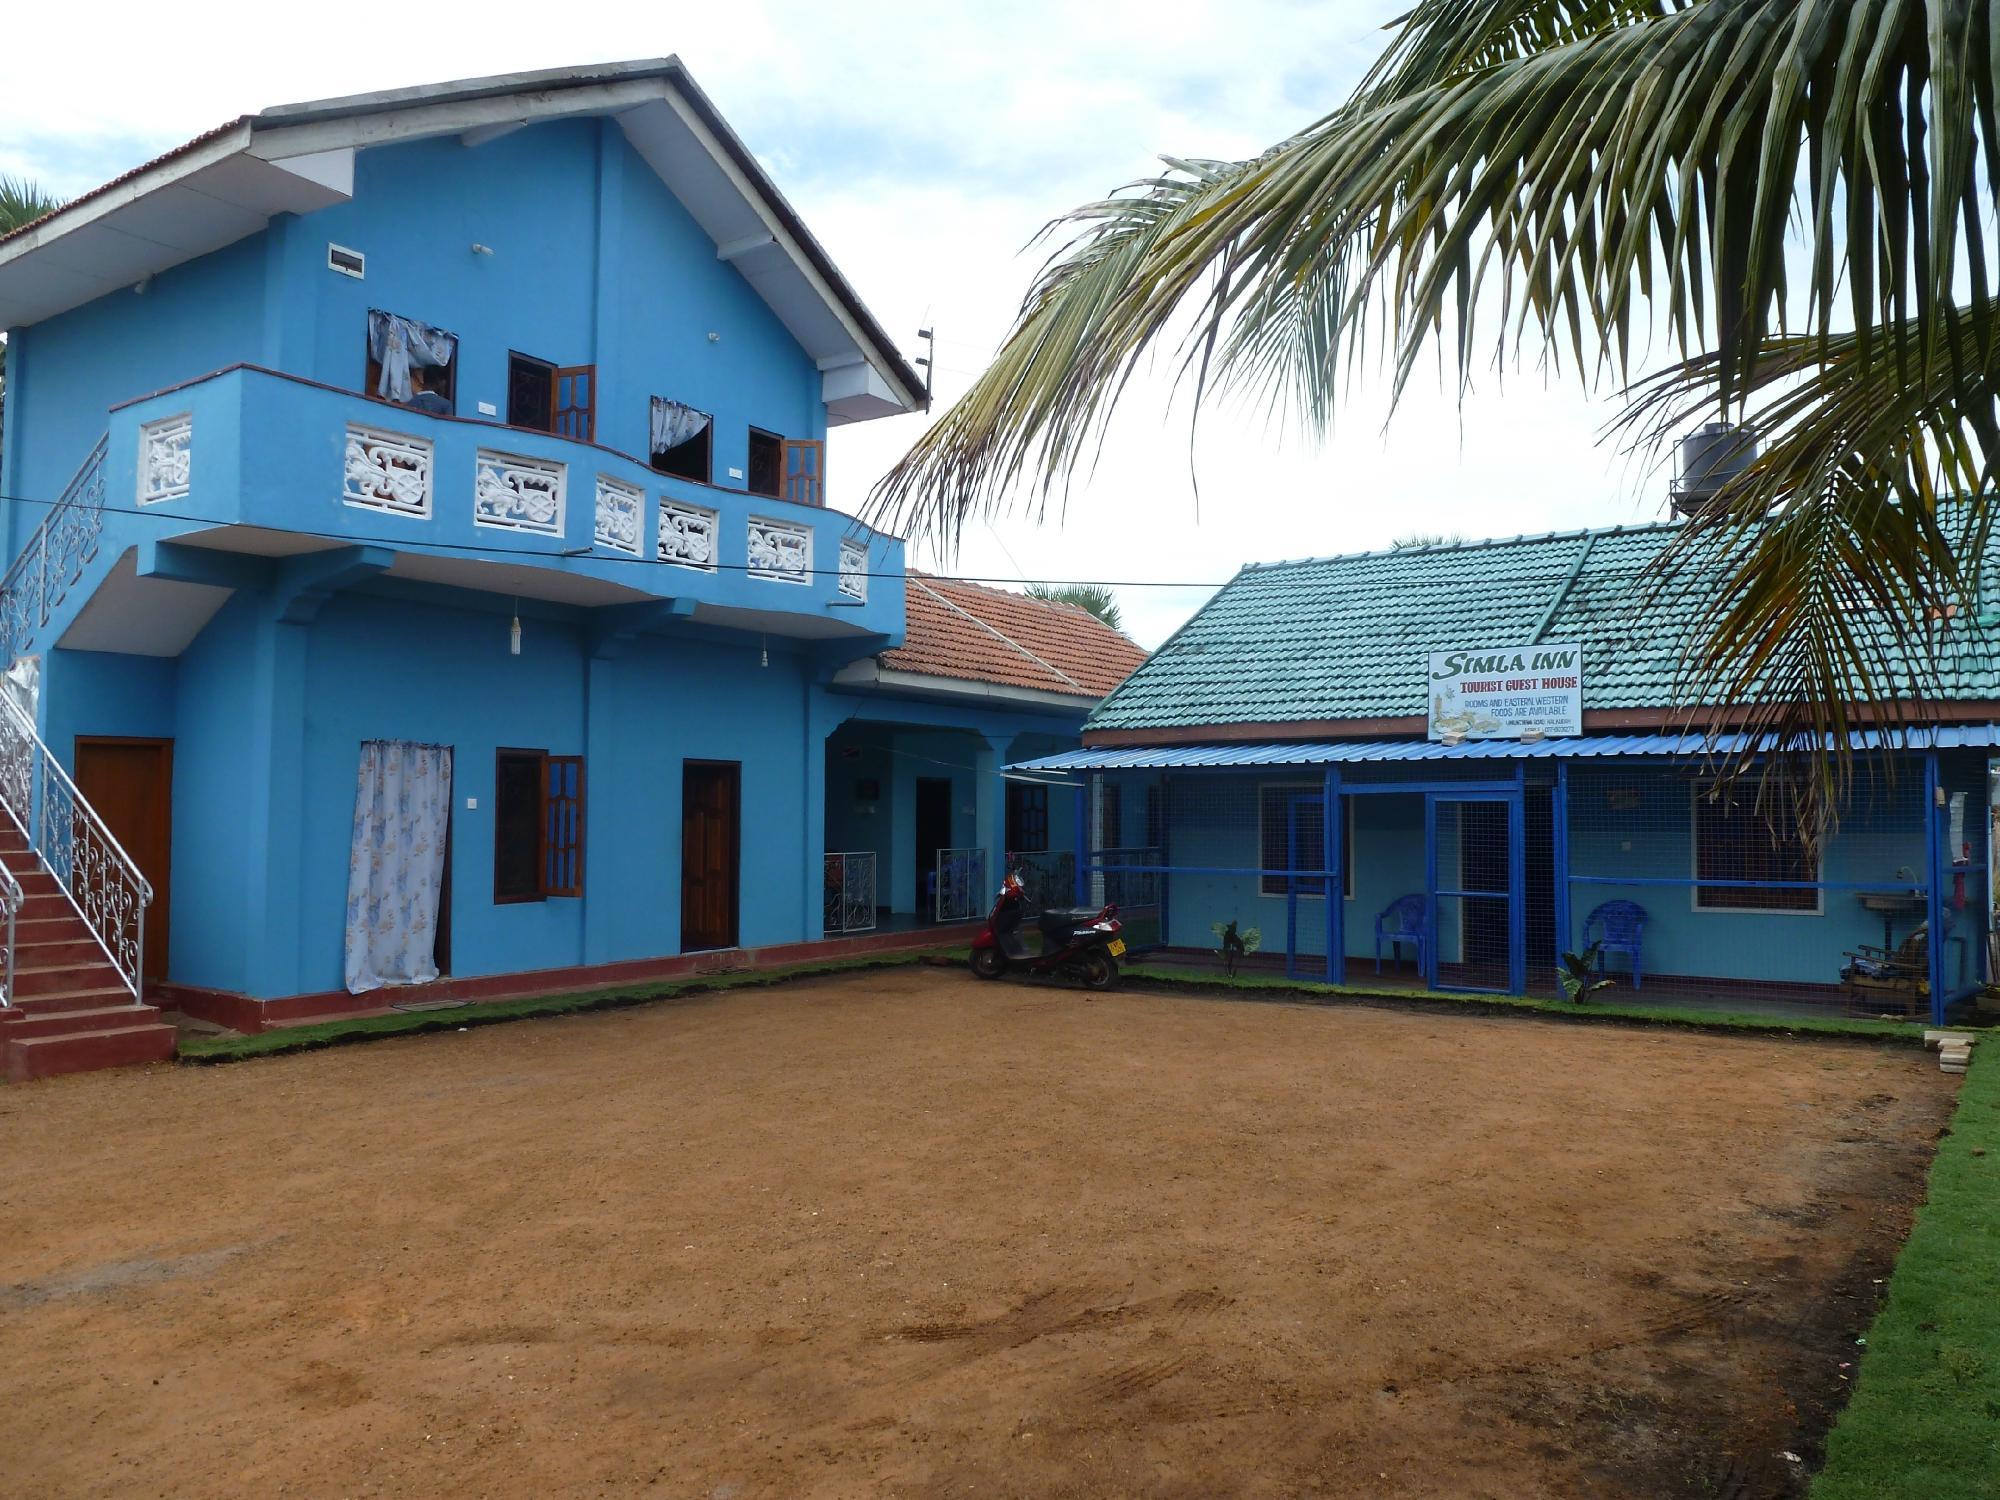 Simla Inn